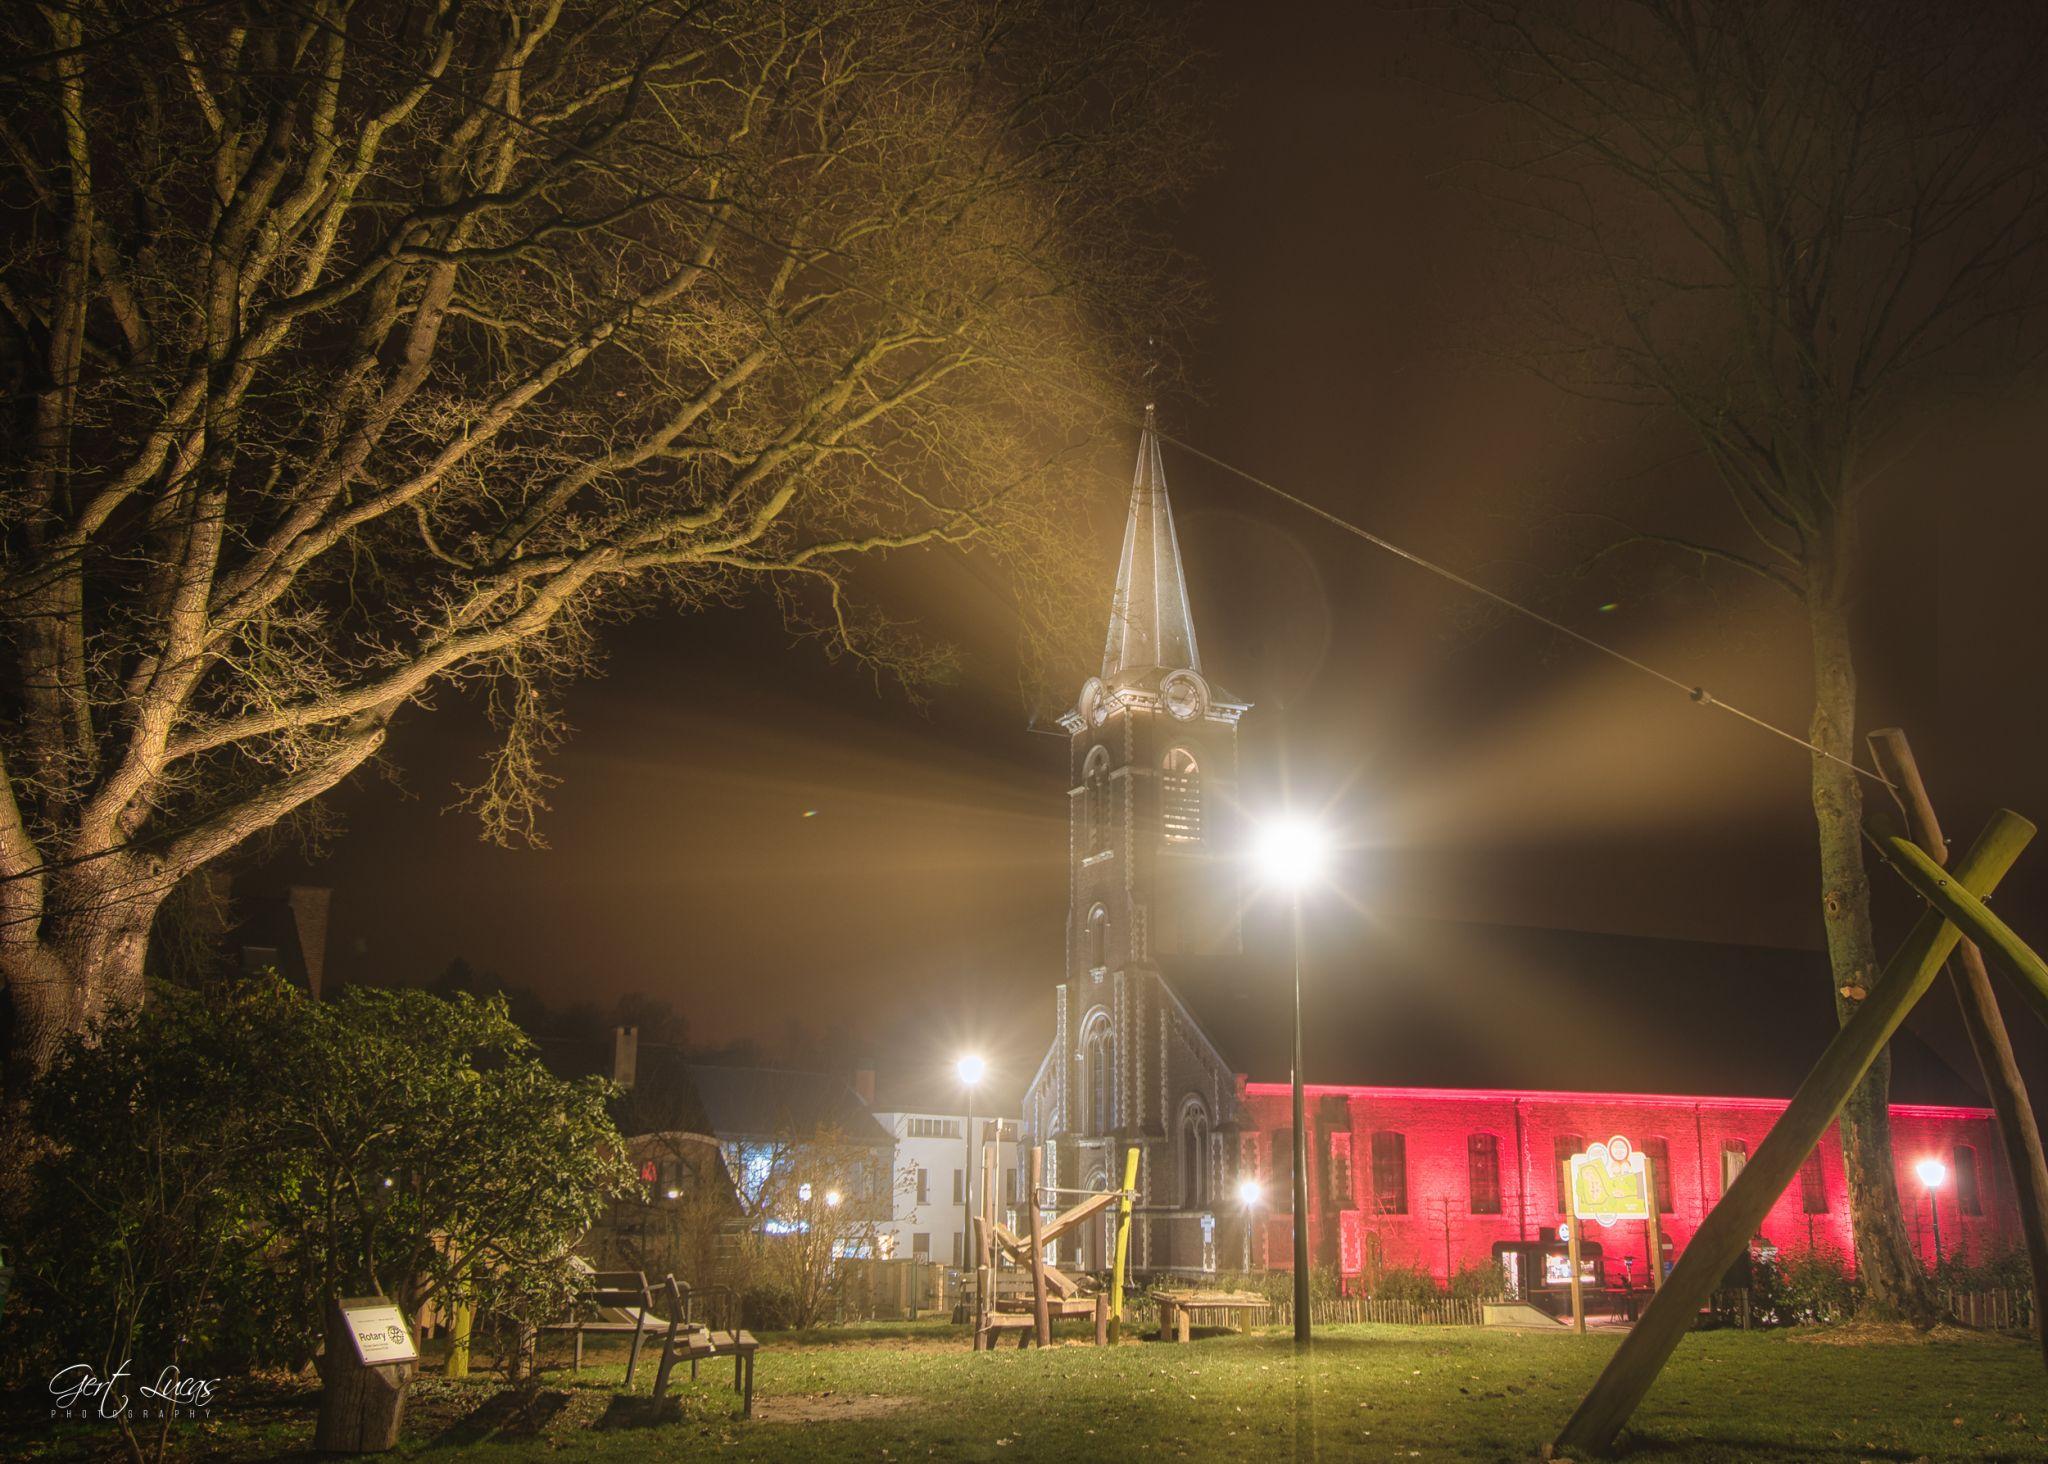 Sint Genesius Rode - Church, Belgium